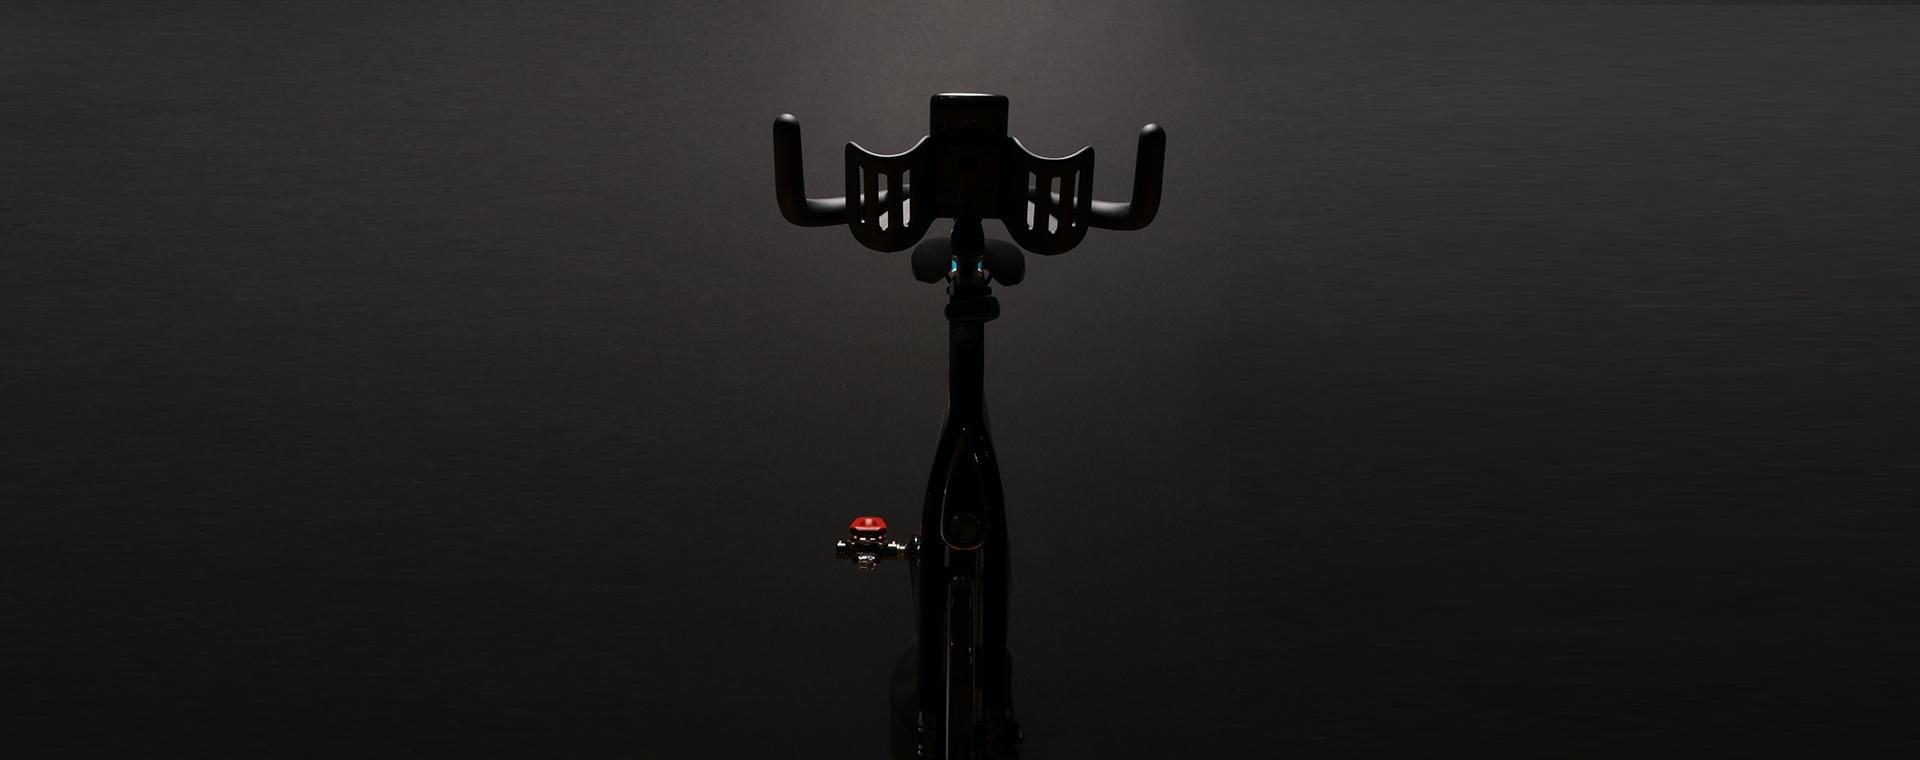 NL - SP - Cat - Bikes